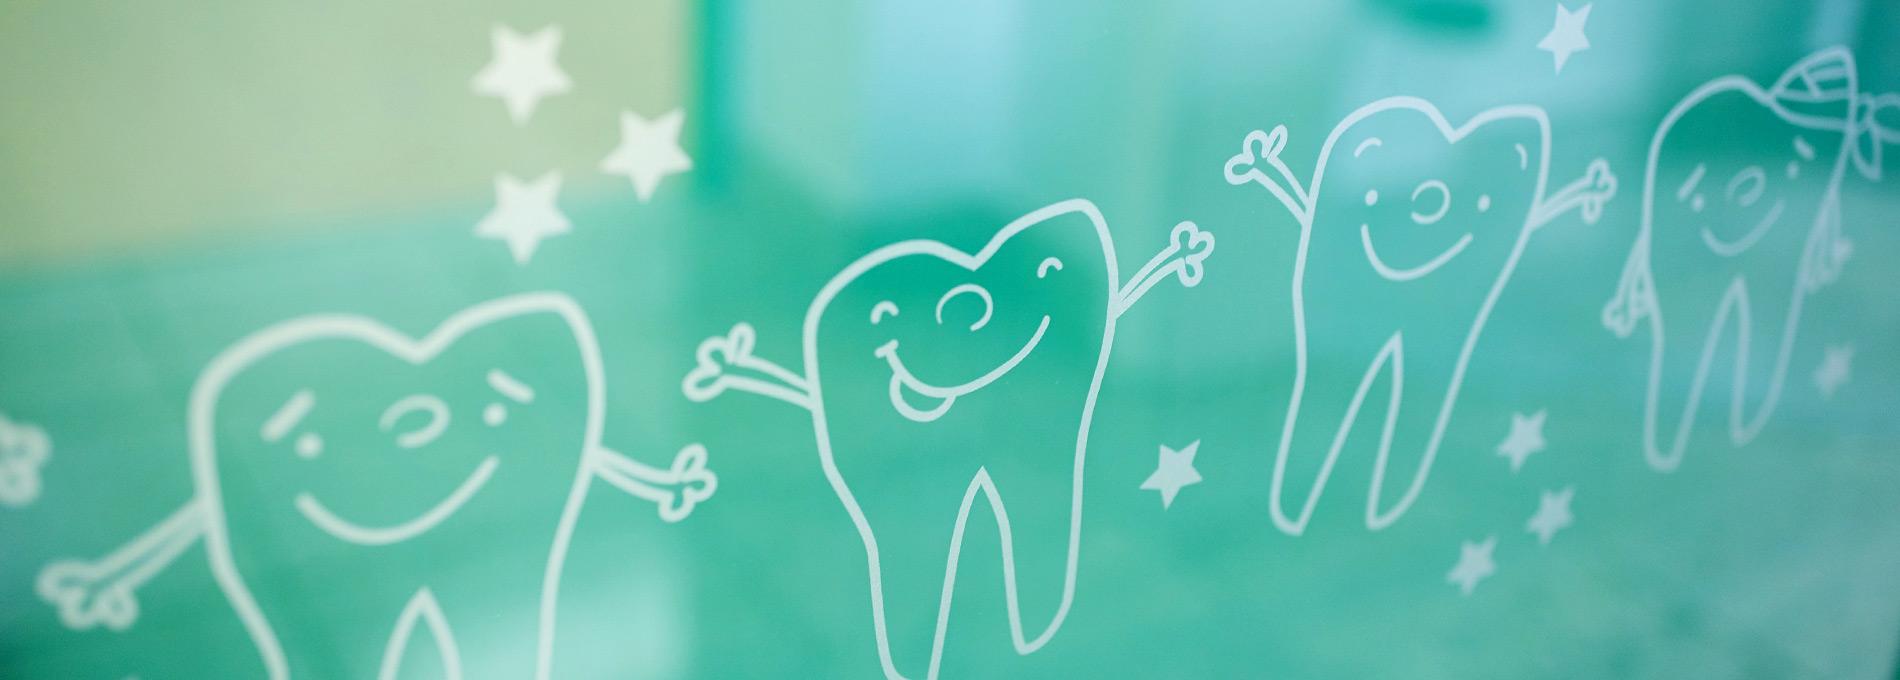 Zahnarztpraxis  Zahnrhein in Walluf - Recallsystem